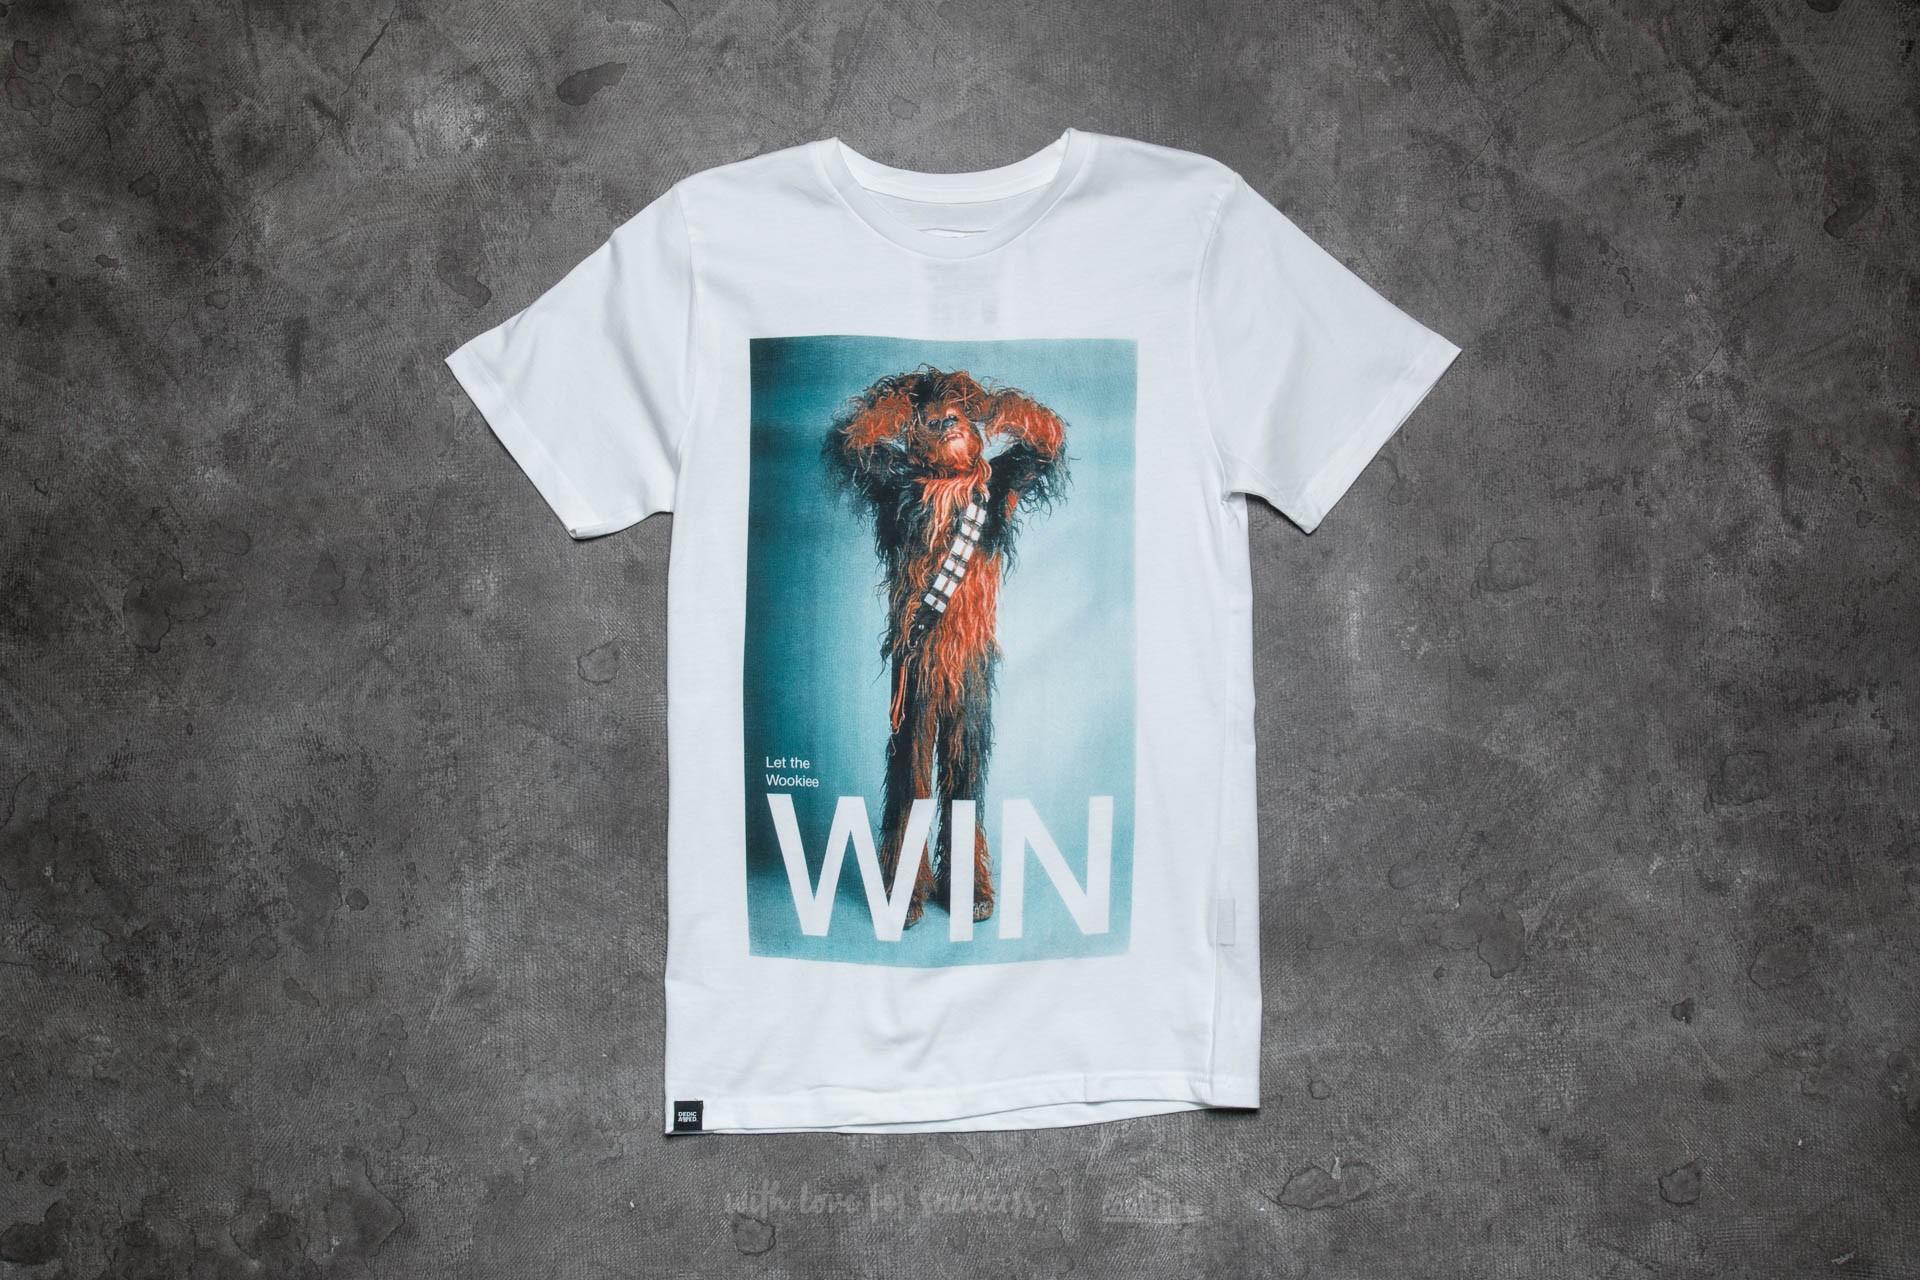 Dedicated x Star Wars Chewbacca Win T-Shirt White - 10949